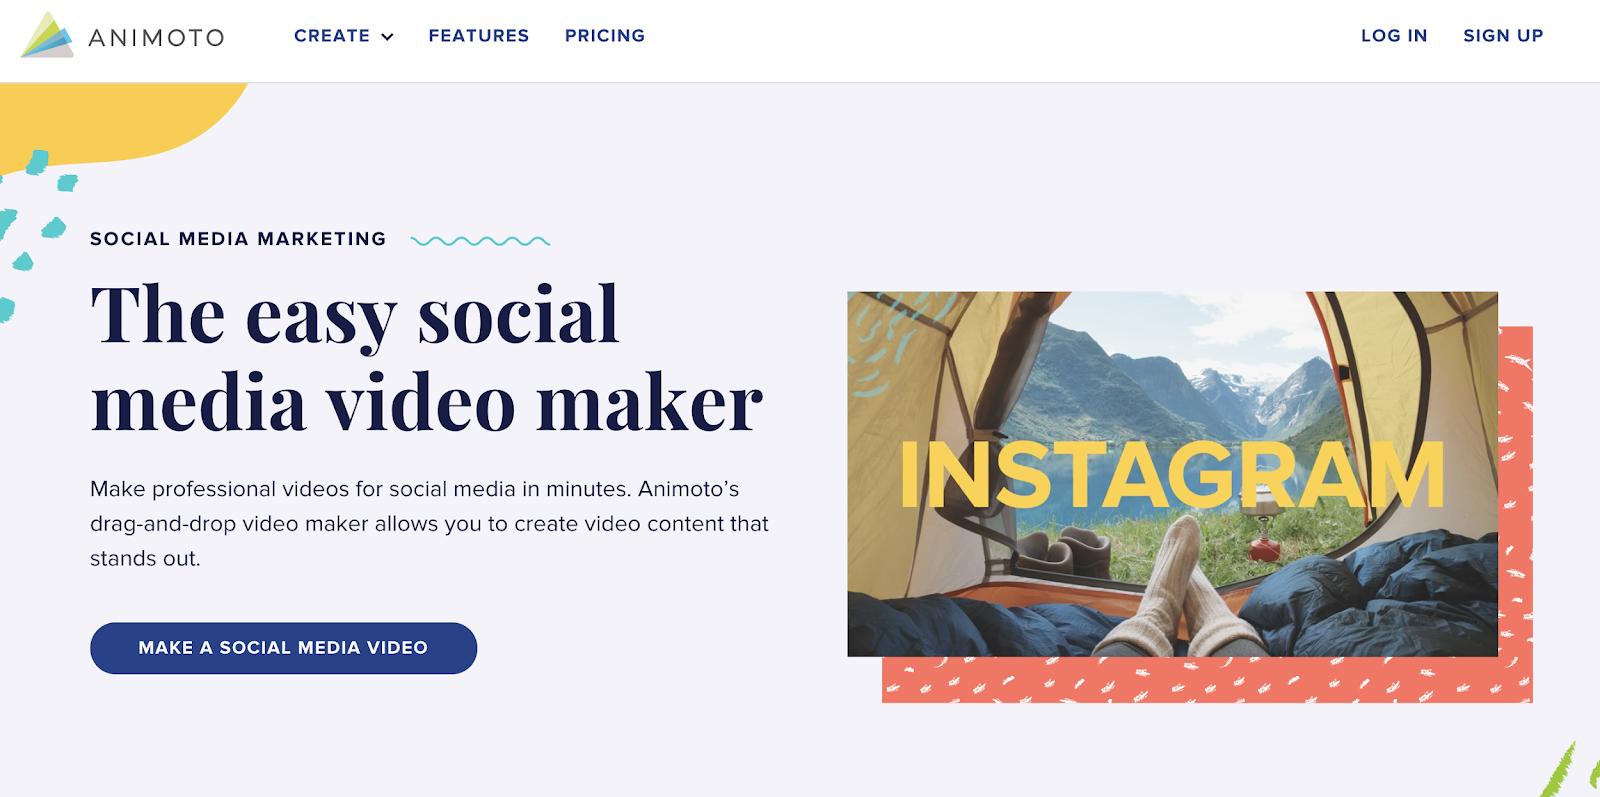 animoto social media video maker tool